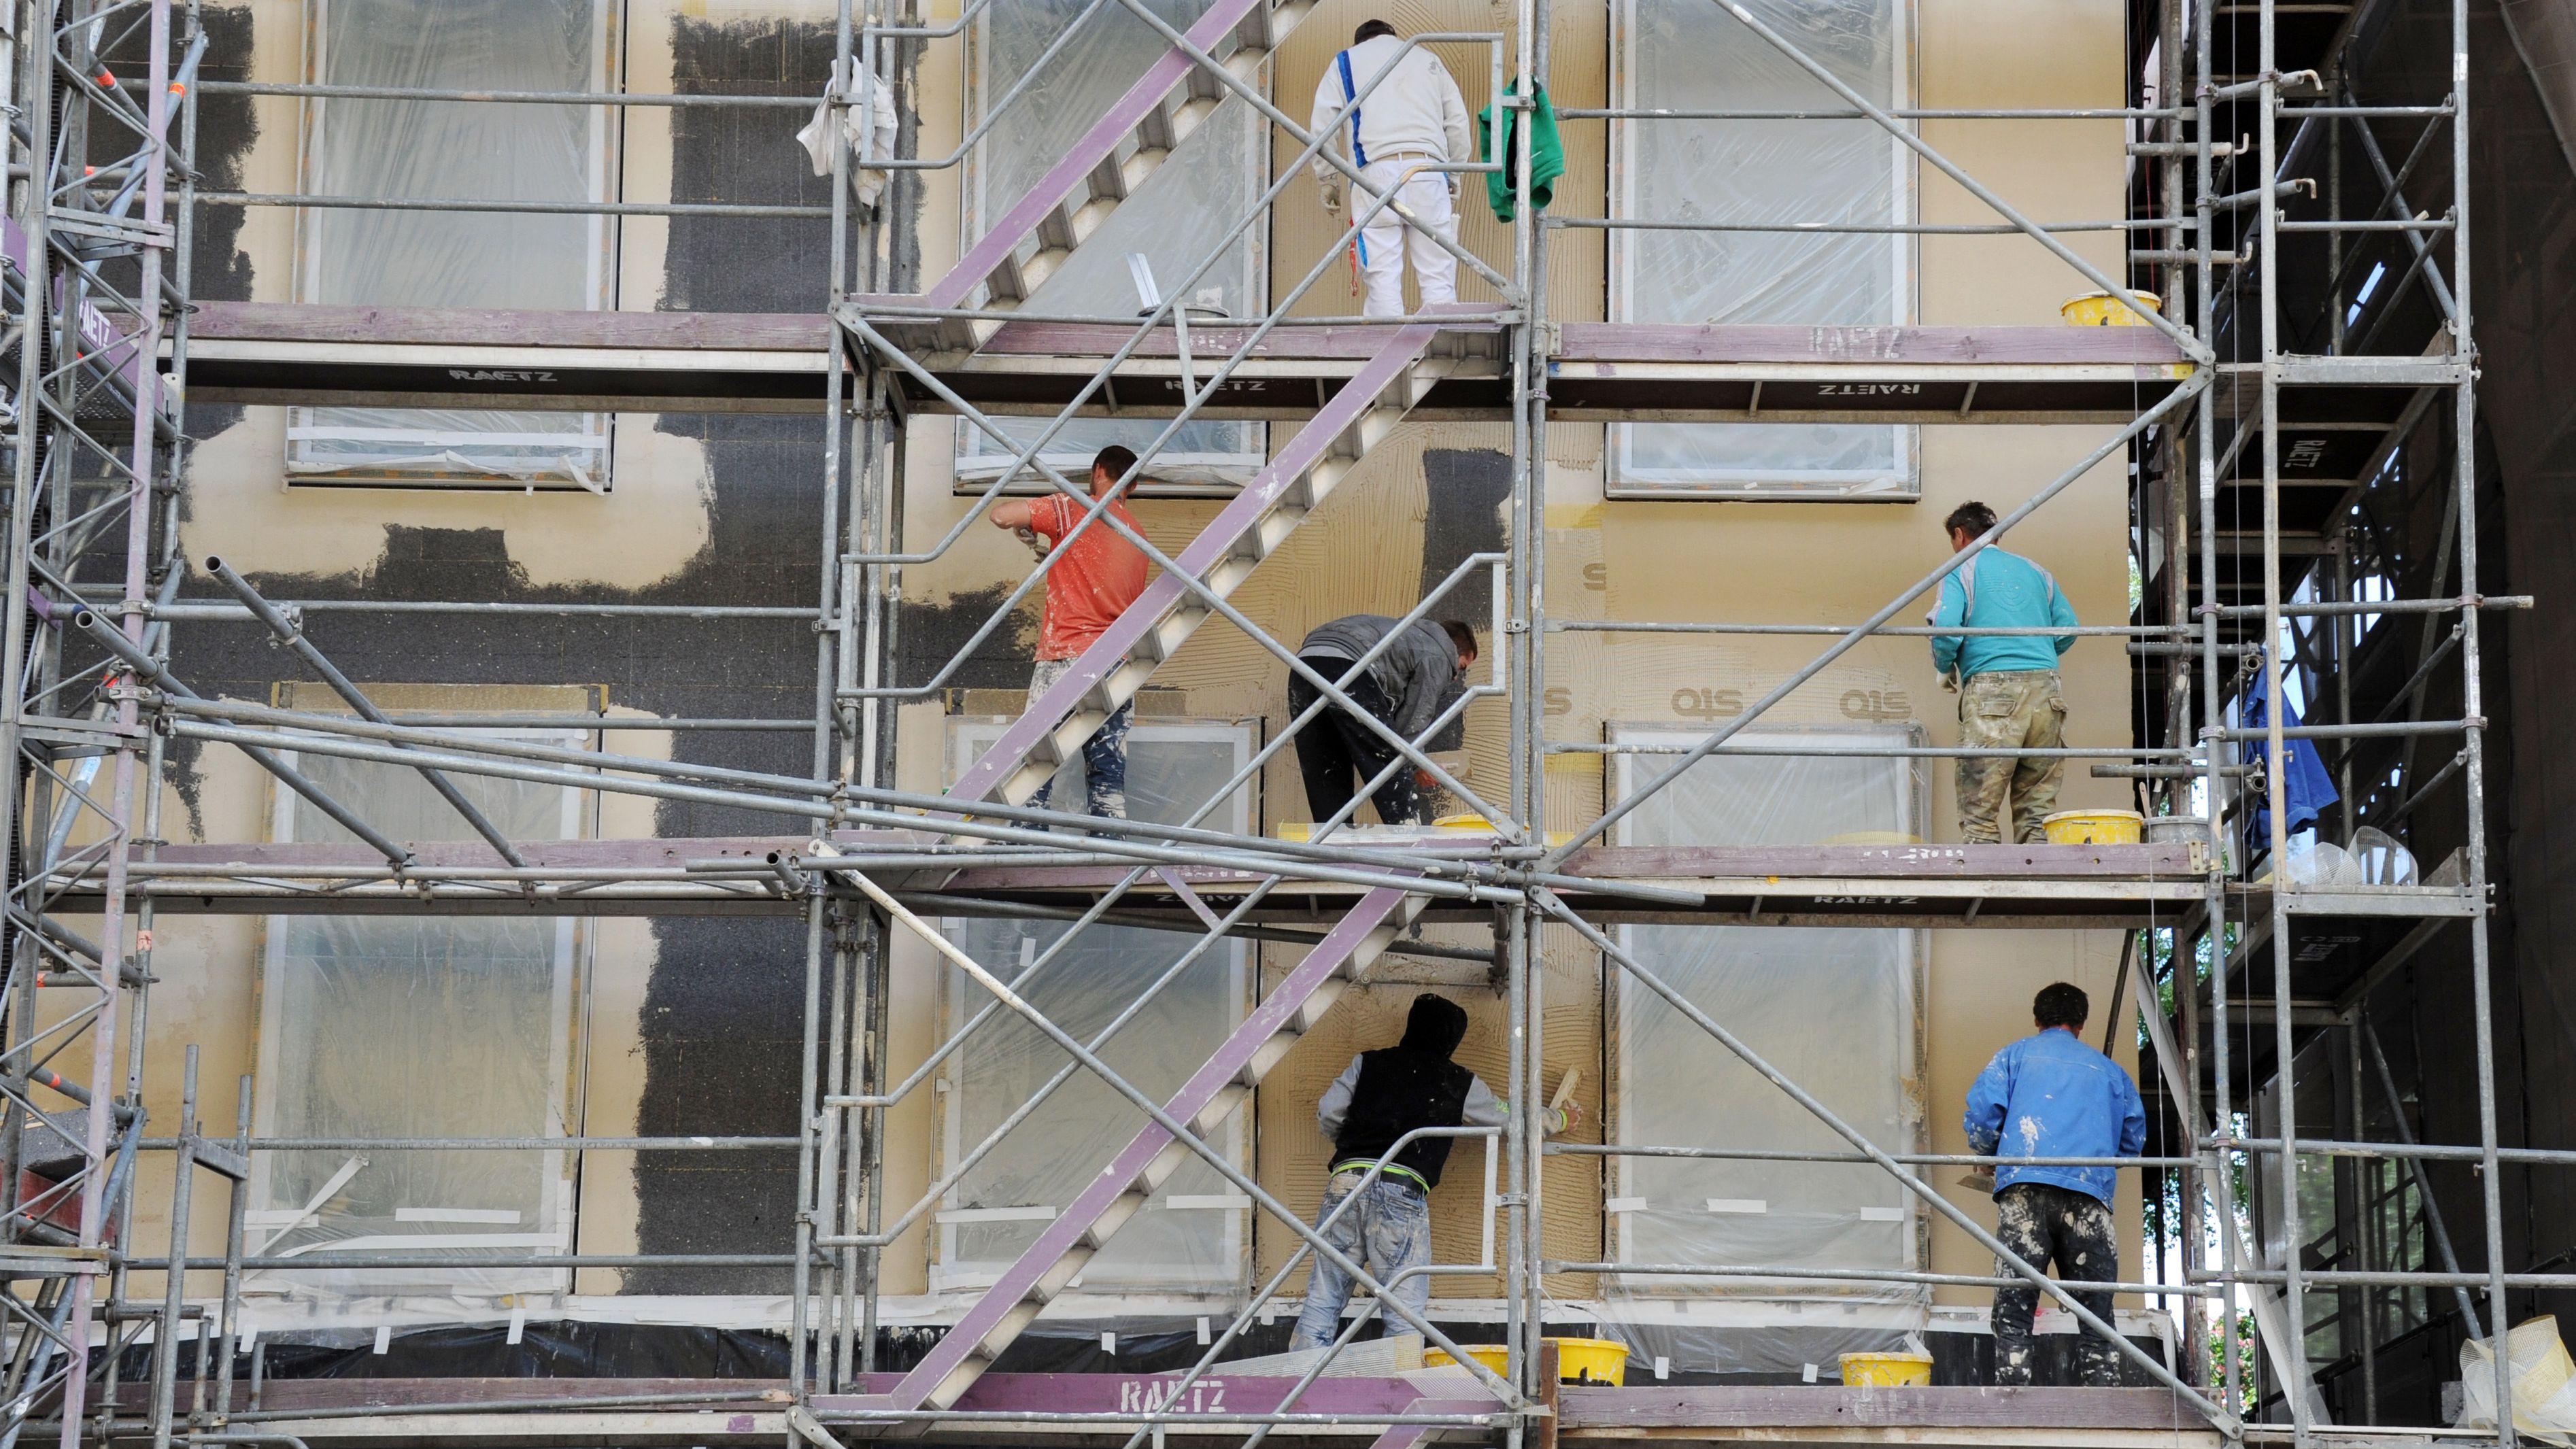 Bauarbeiter verputzen und verspachteln auf einer Baustelle in München eine Dämmschicht an der Aussenfassade eines Hauses.